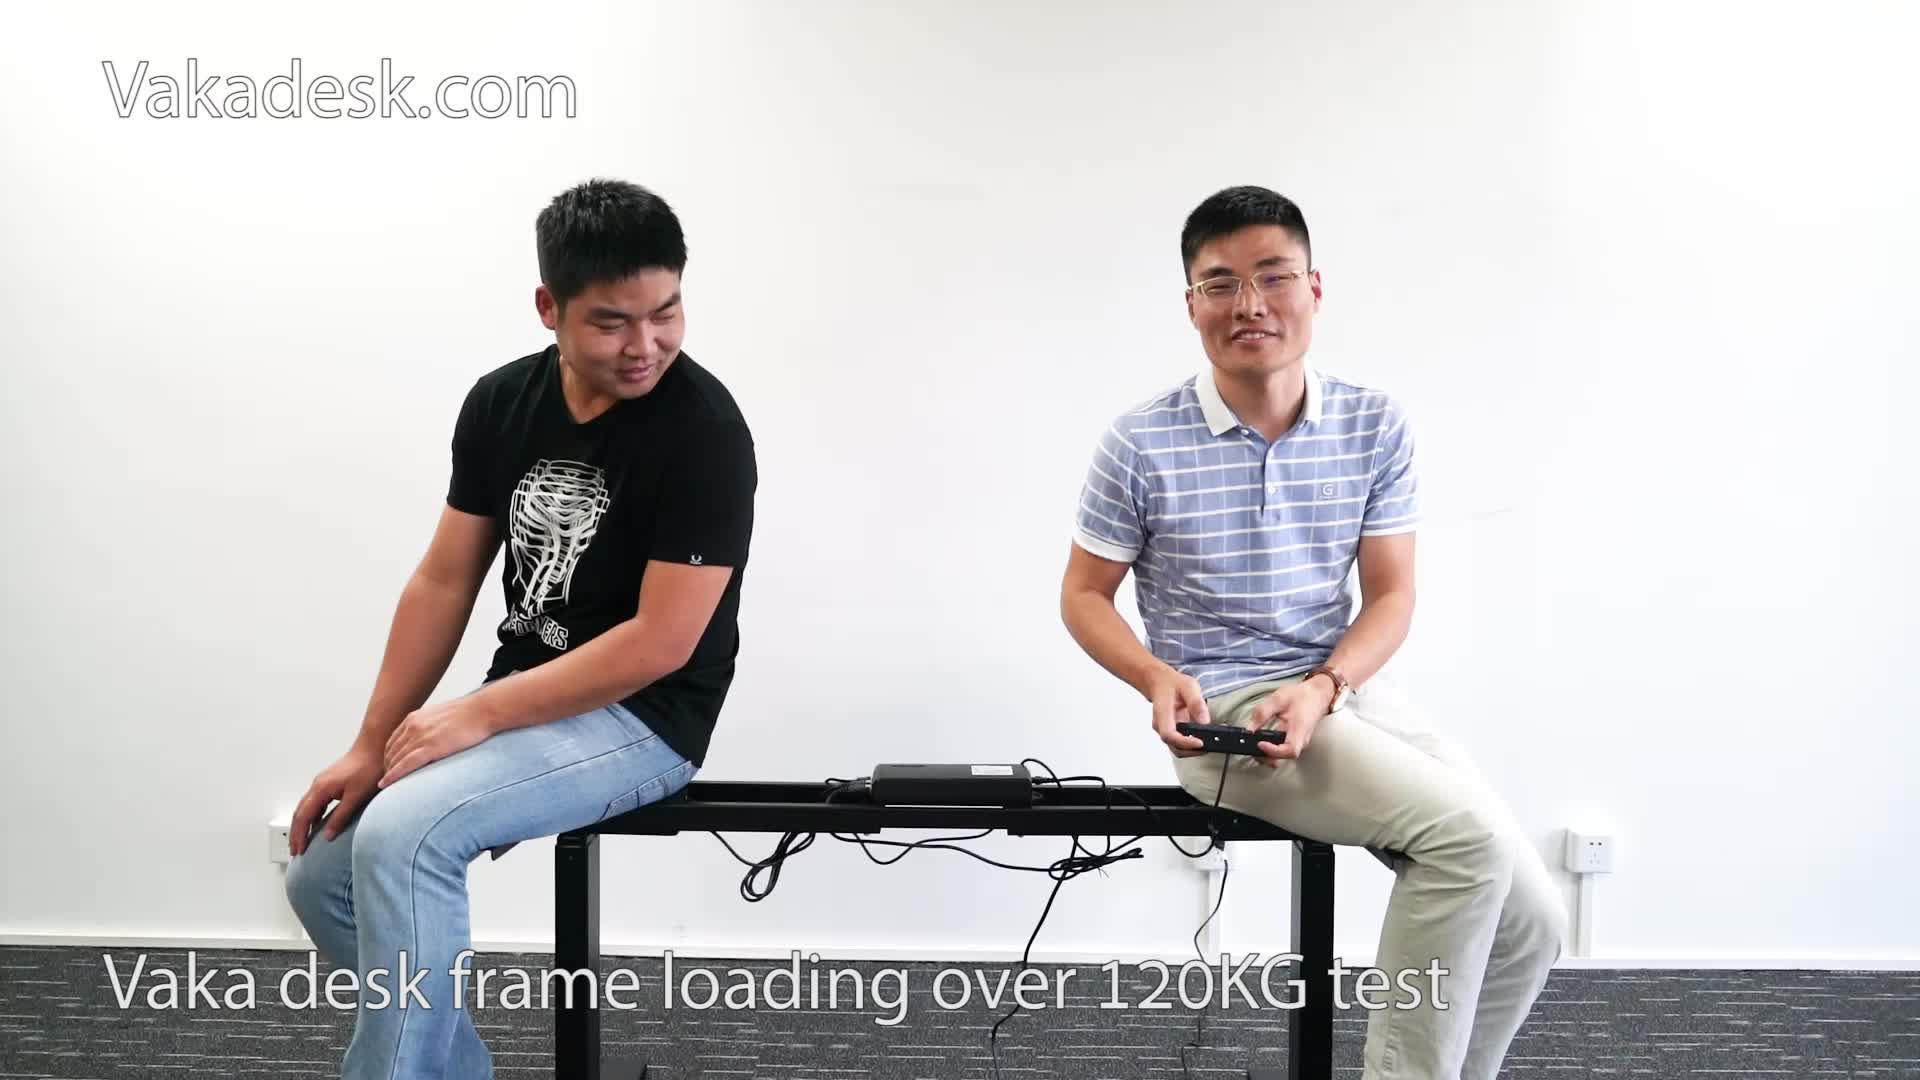 Ergonomic Stand Up โต๊ะปรับความสูงคอมพิวเตอร์โต๊ะทำงาน